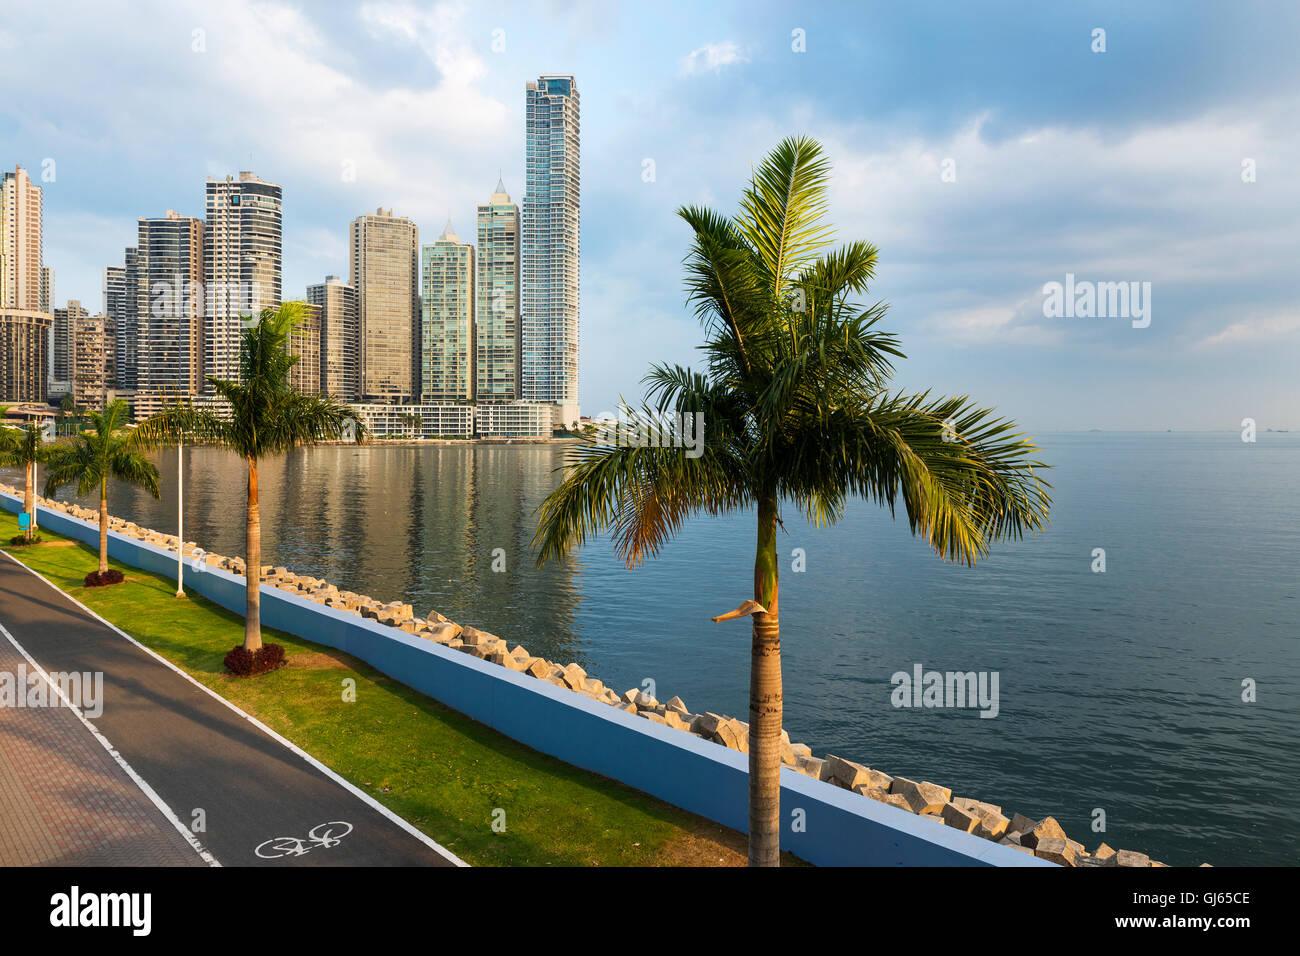 Vue sur le quartier financier au centre-ville de ville de Panama, Panama, avec une voie cyclable et de palmiers; Photo Stock